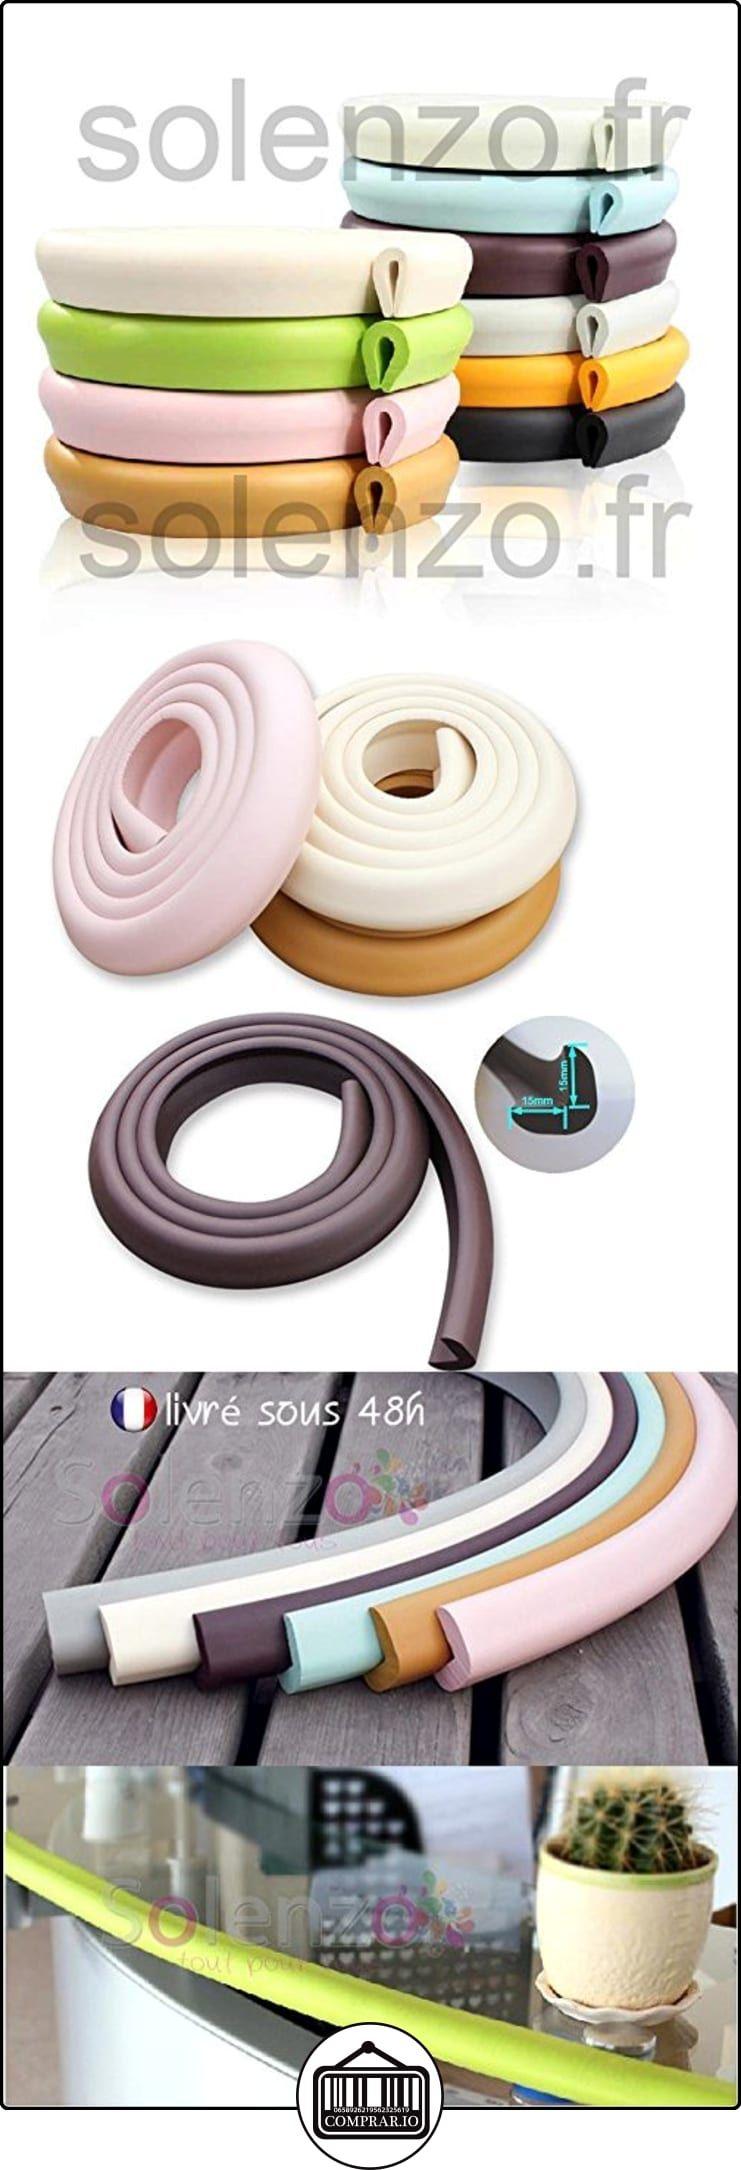 2 M Protecci N Goma Espuma Chocolate Para Borde De Mesa Cu A De  # Muebles De Hule Espuma Para Ninos